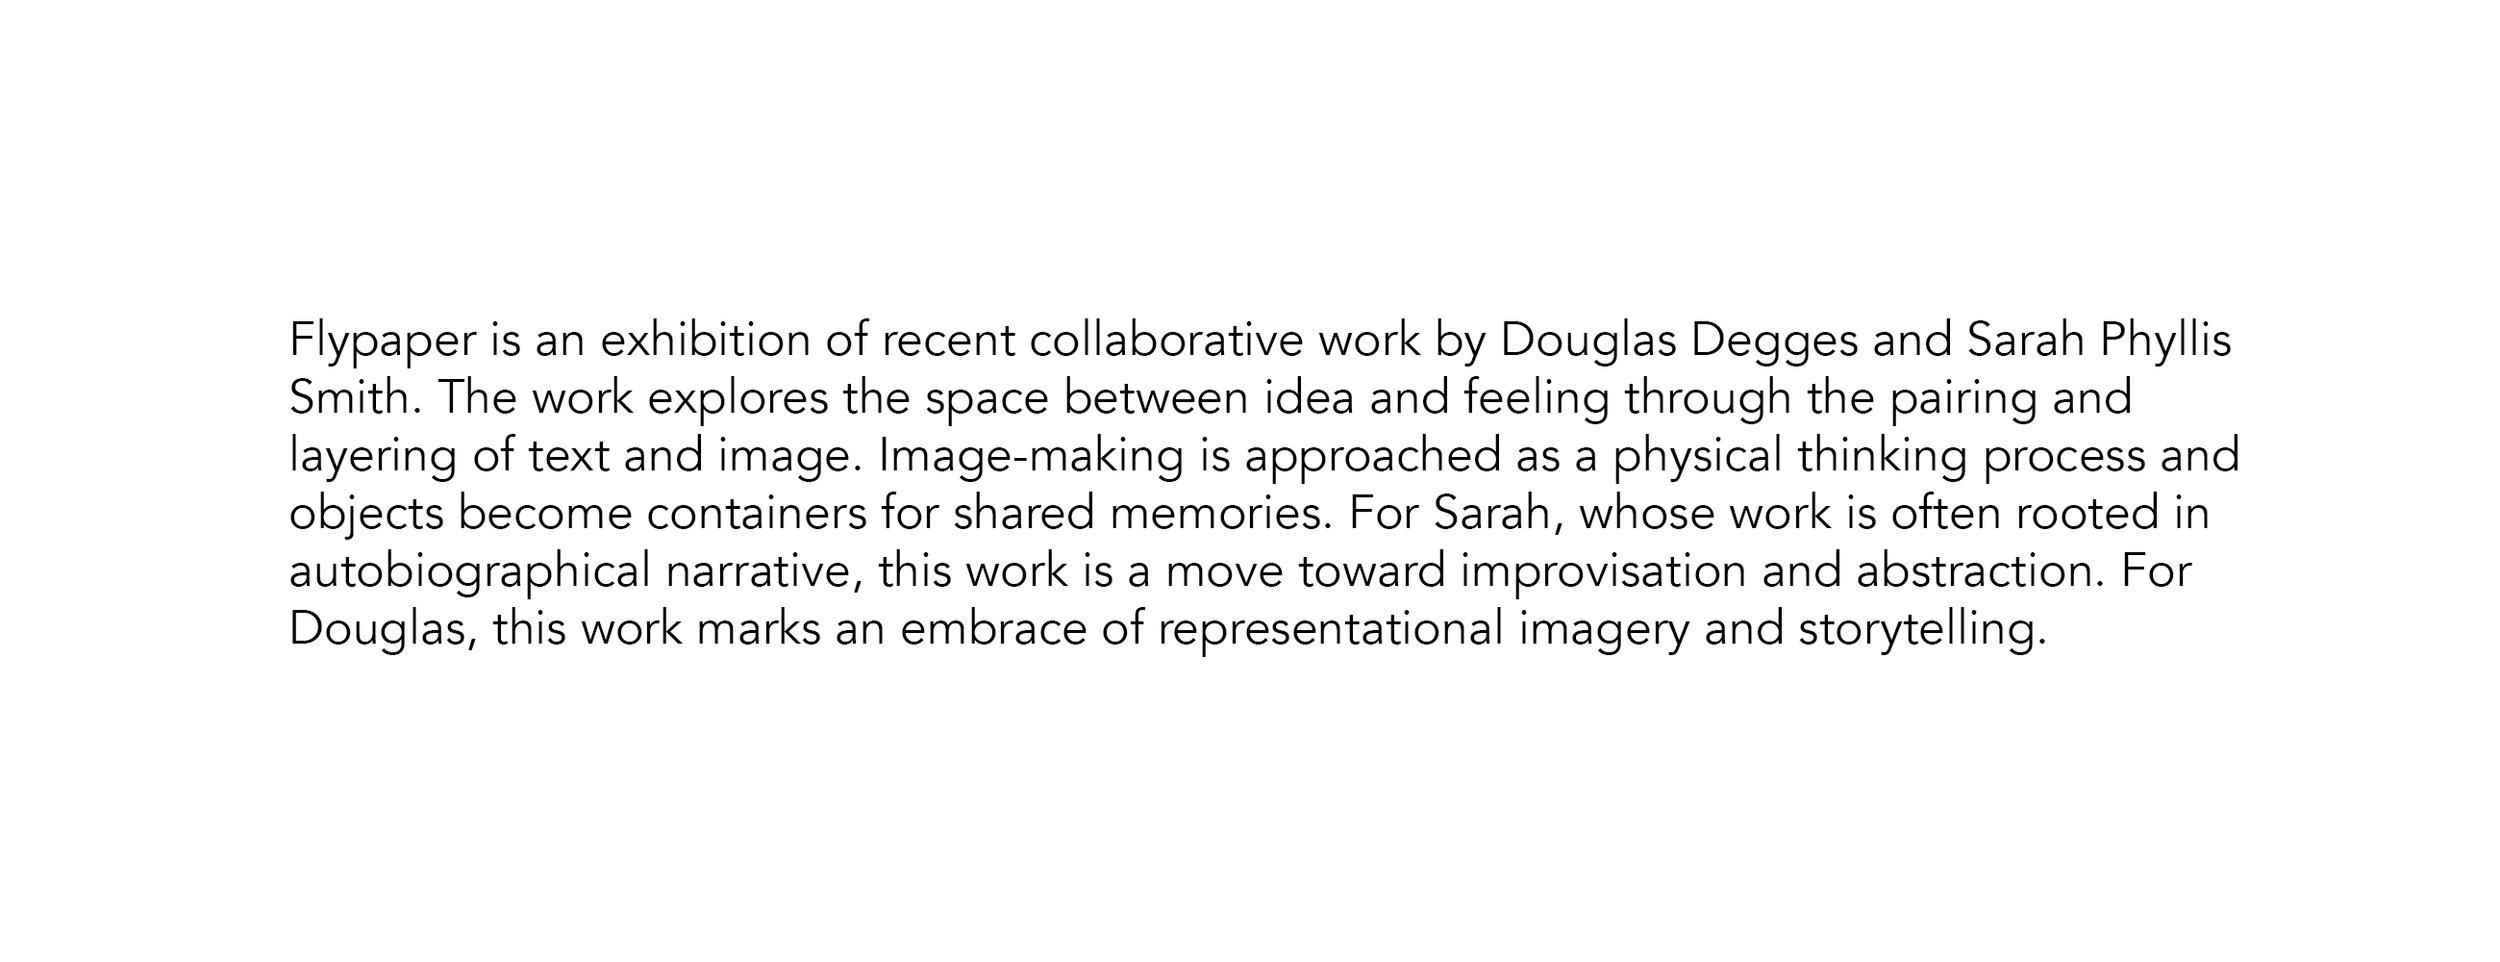 Flypaper Exhibition Statement